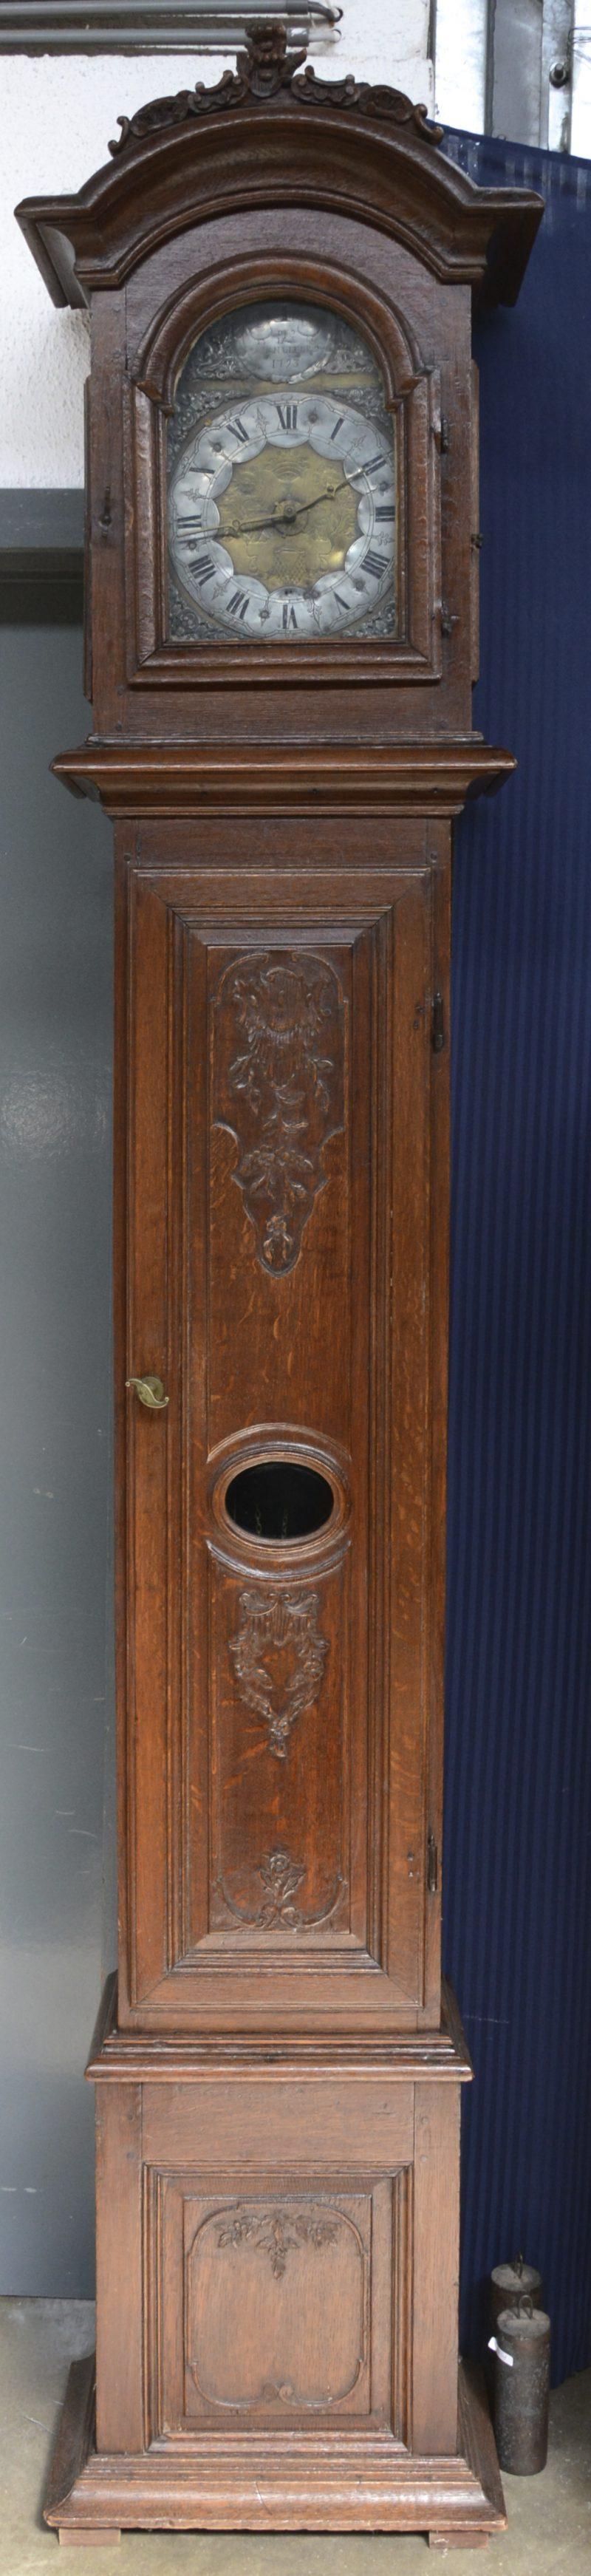 Een staande klok met gebeeldhouwd eikenhouten kast, versierd met motieven in Lodewijk XVI-stijl. Het werk gesigneerd en gedateerd 1793.